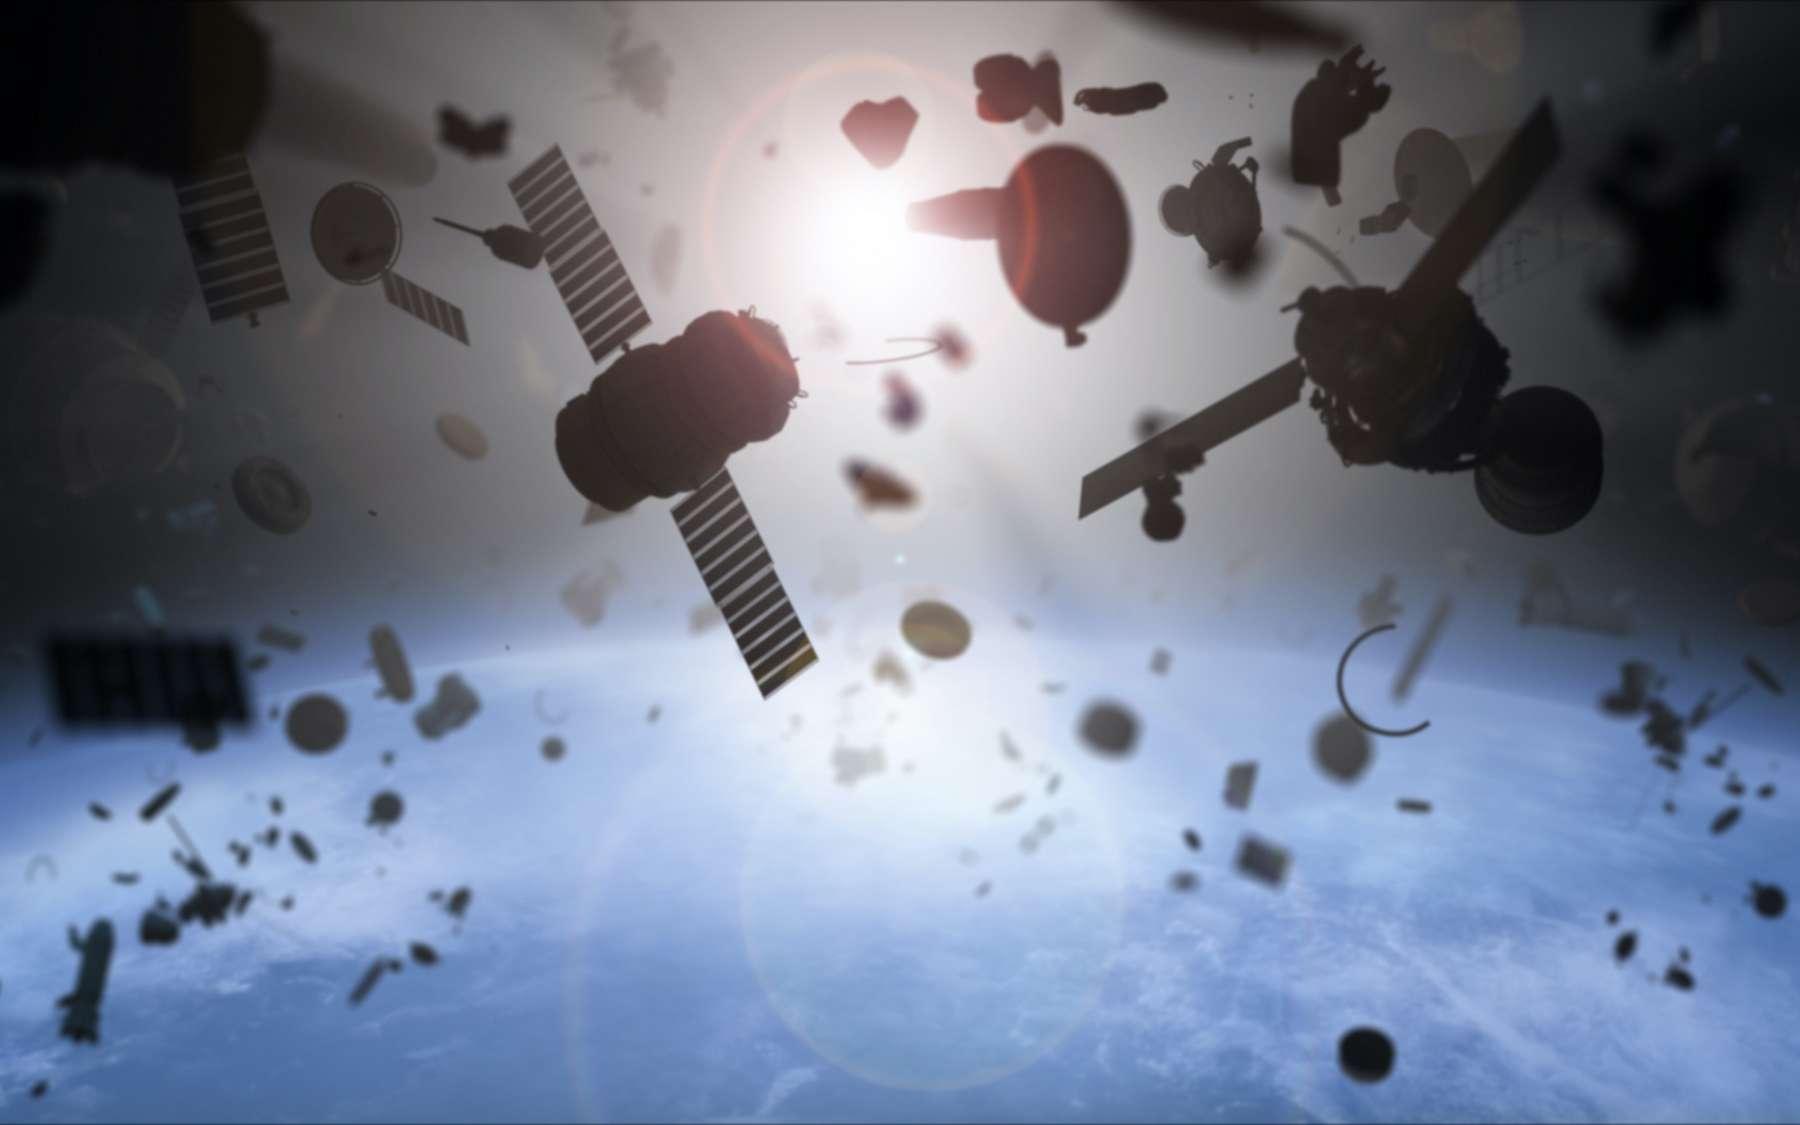 Au fur et à mesure que le nombre d'engins en orbite augmente, le risque de collision s'accroît. © Petrovich12, Adobe Stock